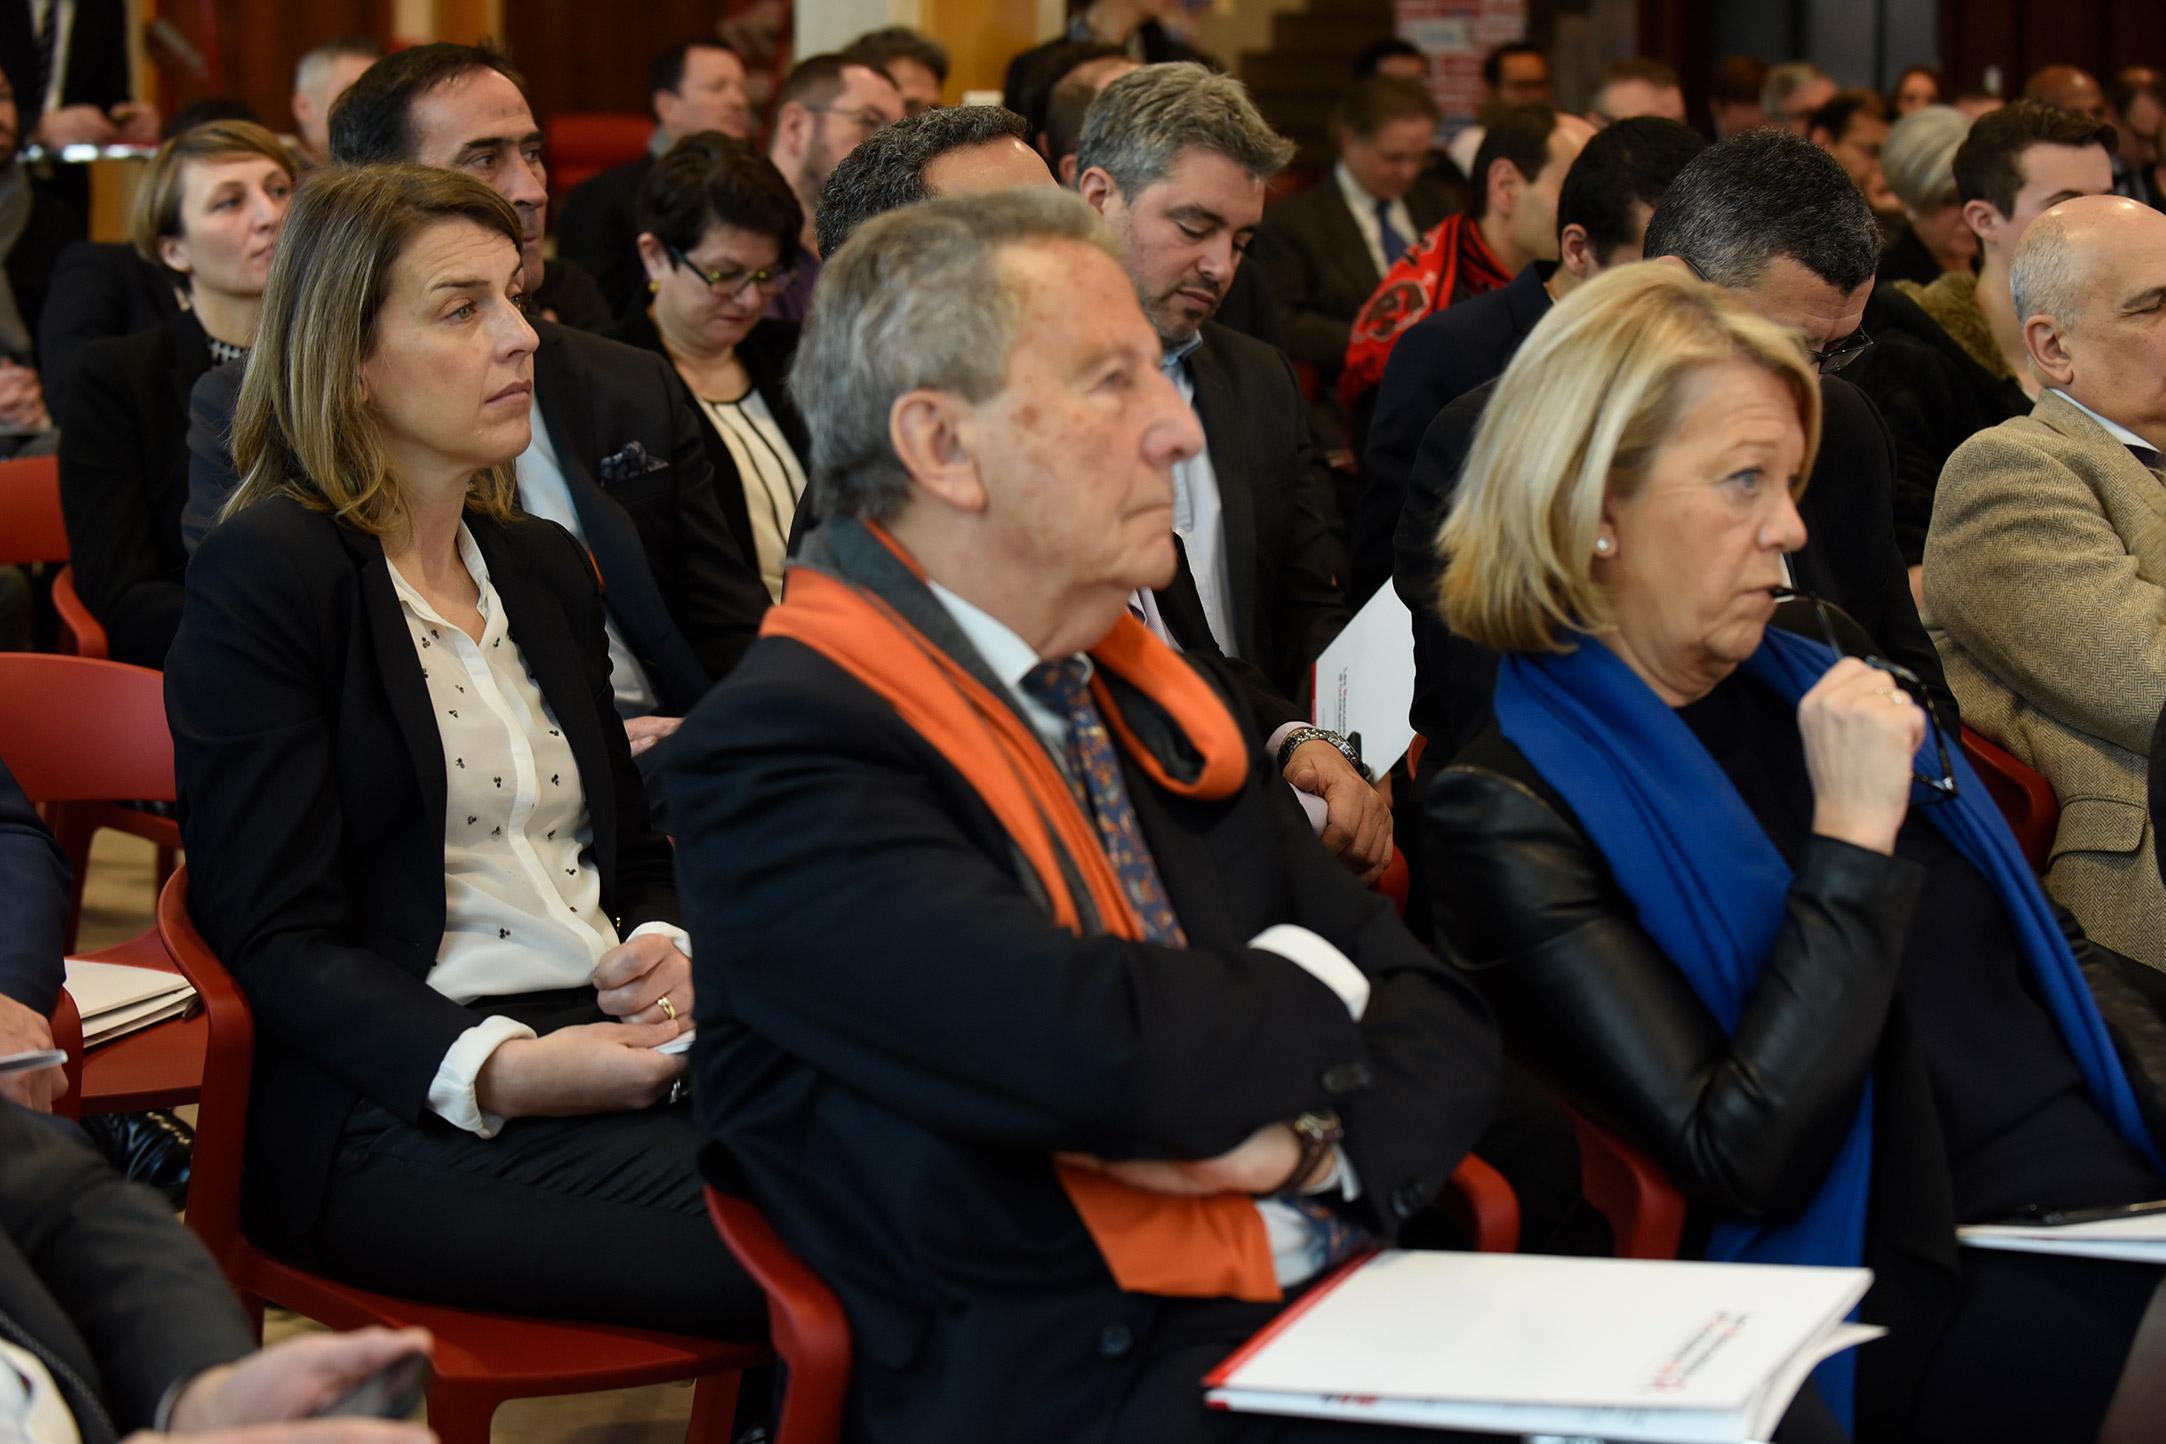 Les Rencontres d'Occitanie - 26 janvier 2017 avec Serge HAROCHE - Public